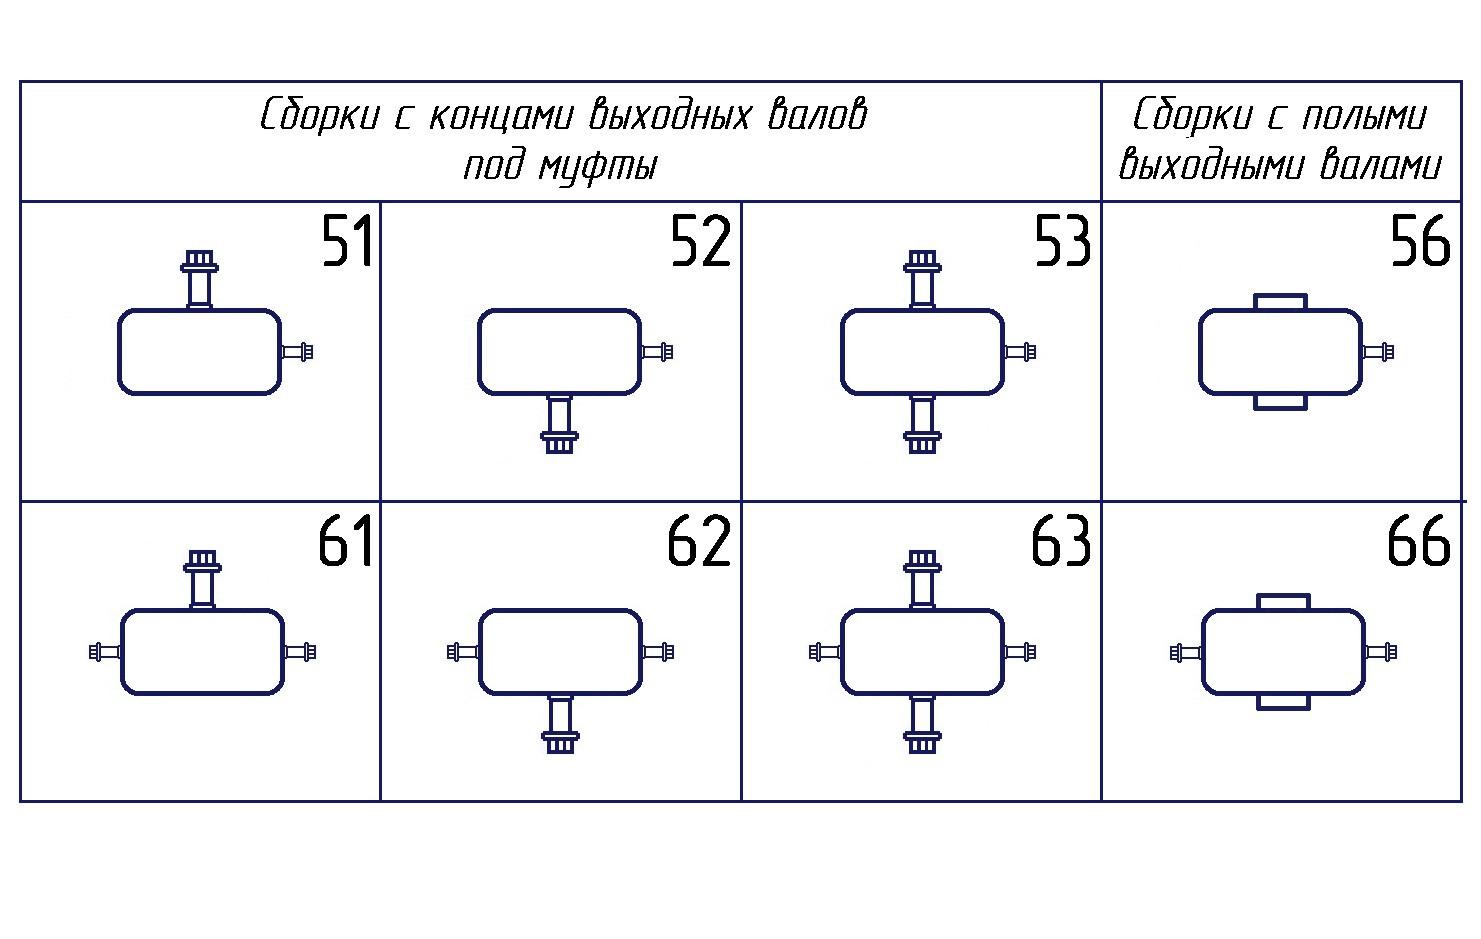 Монтажные позиции червячного редуктора 2Ч 80